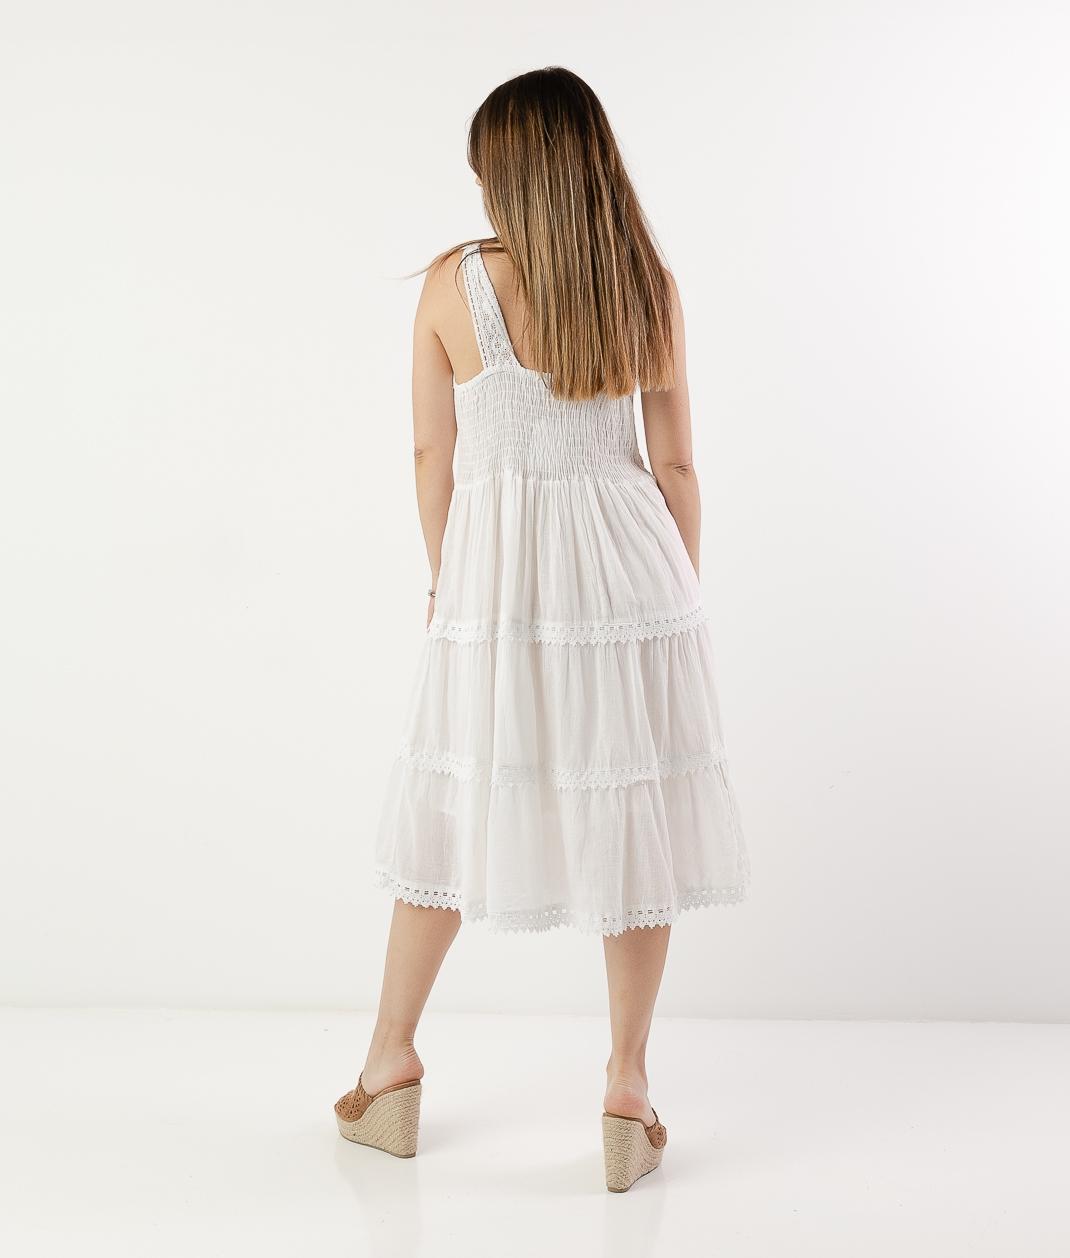 EINAR DRESS - WHITE